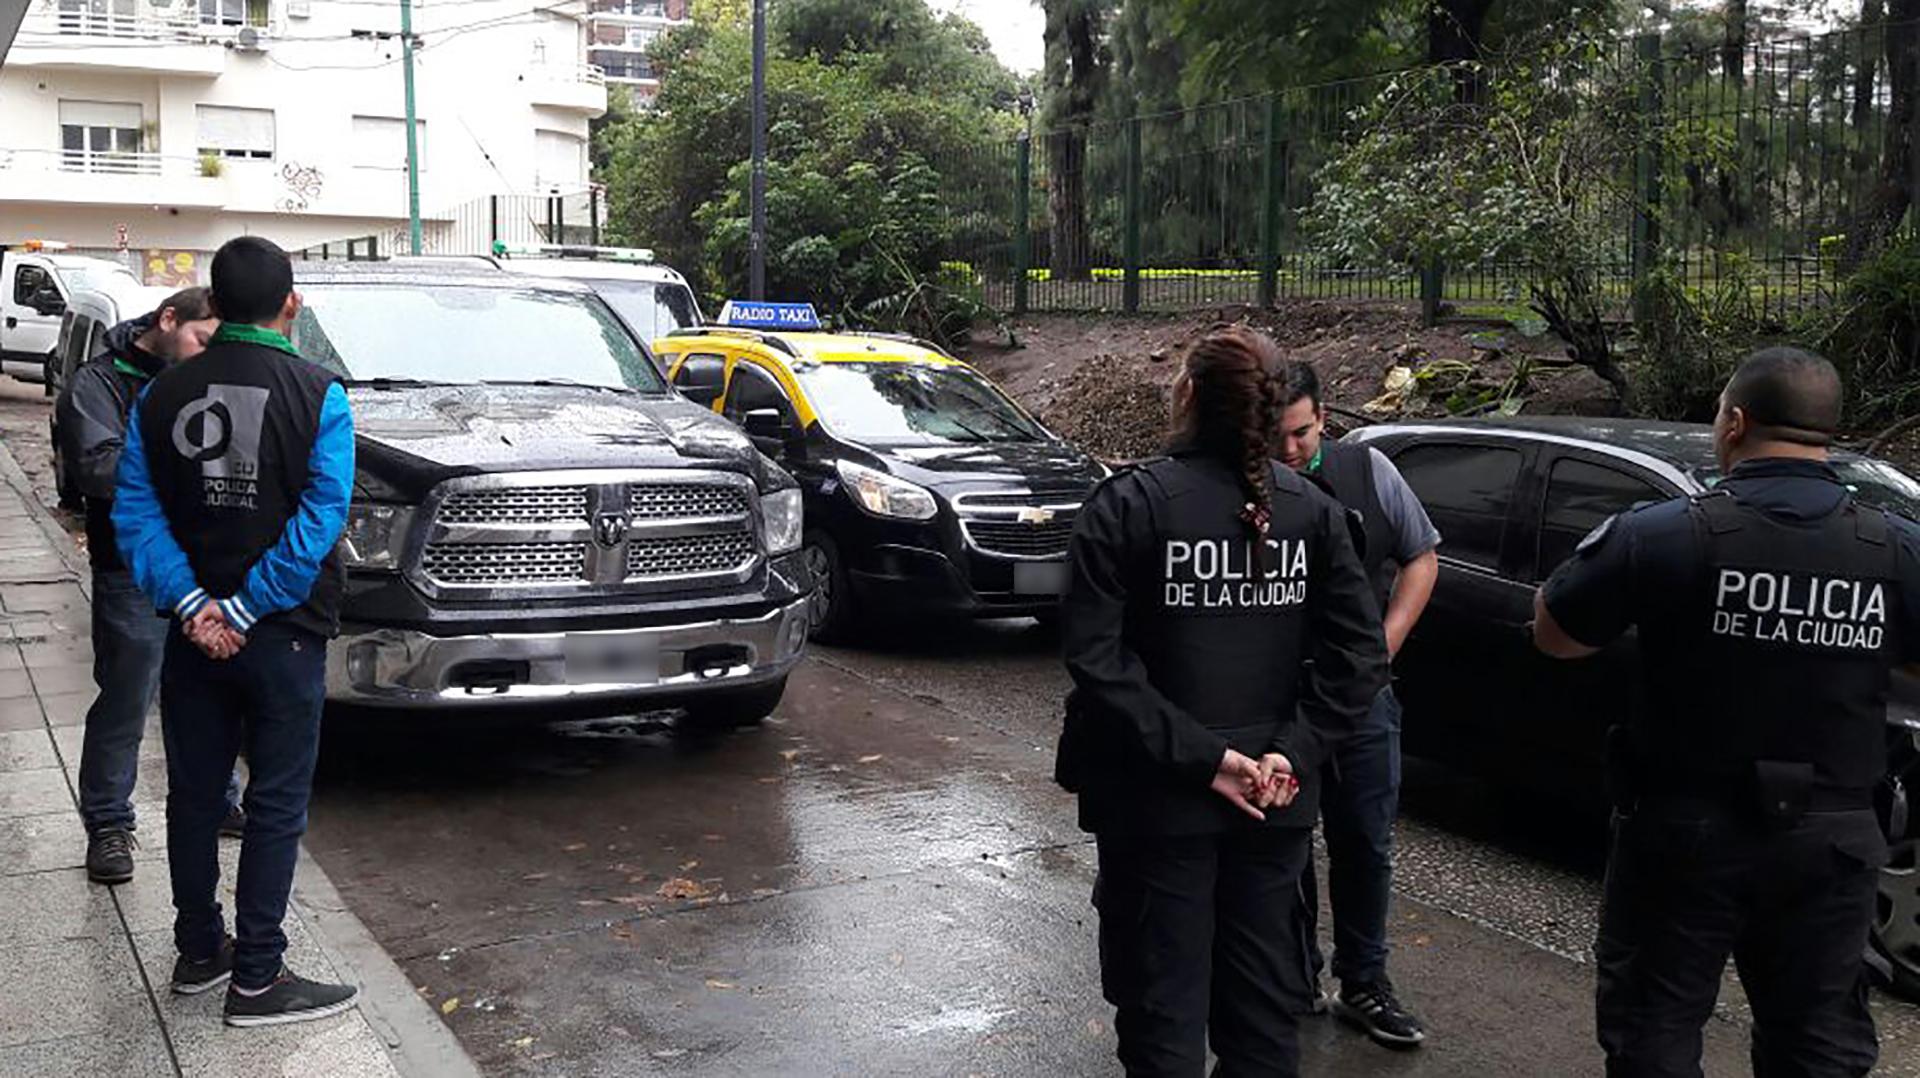 (Prensa policía de la ciudad)